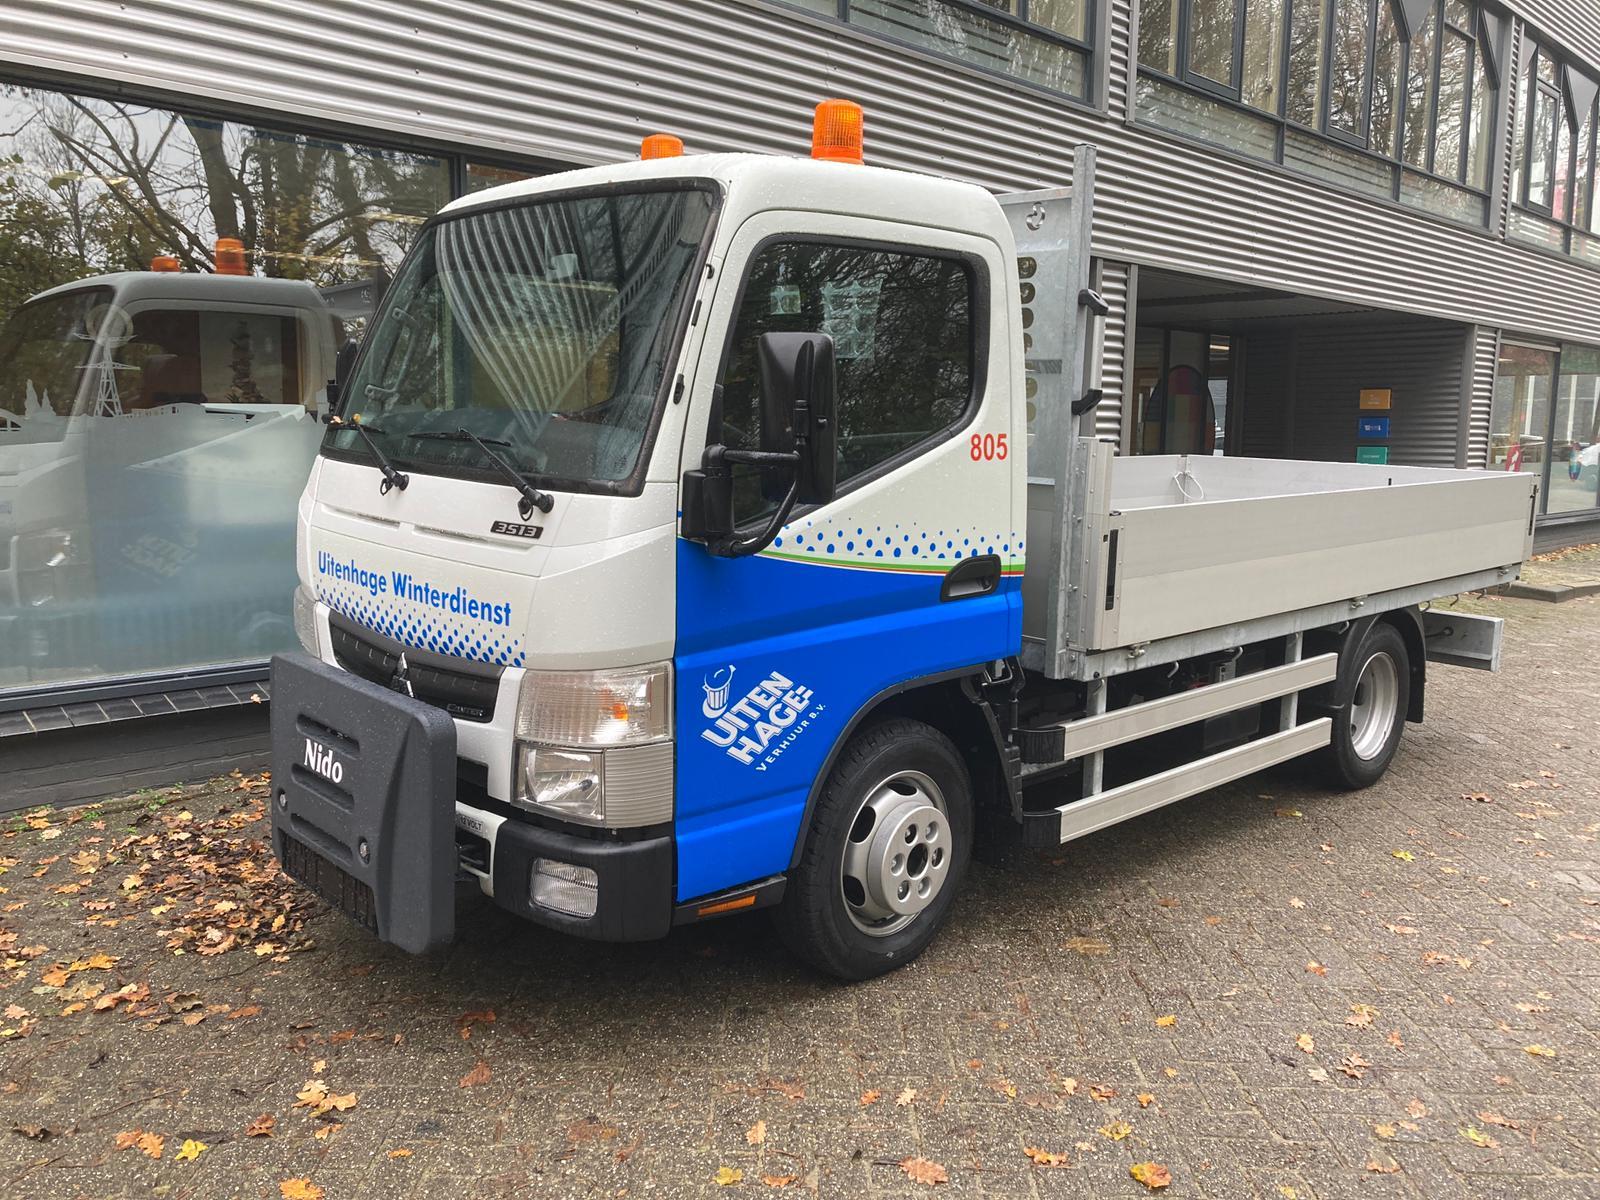 805 Veegvuilwagen open laadbak